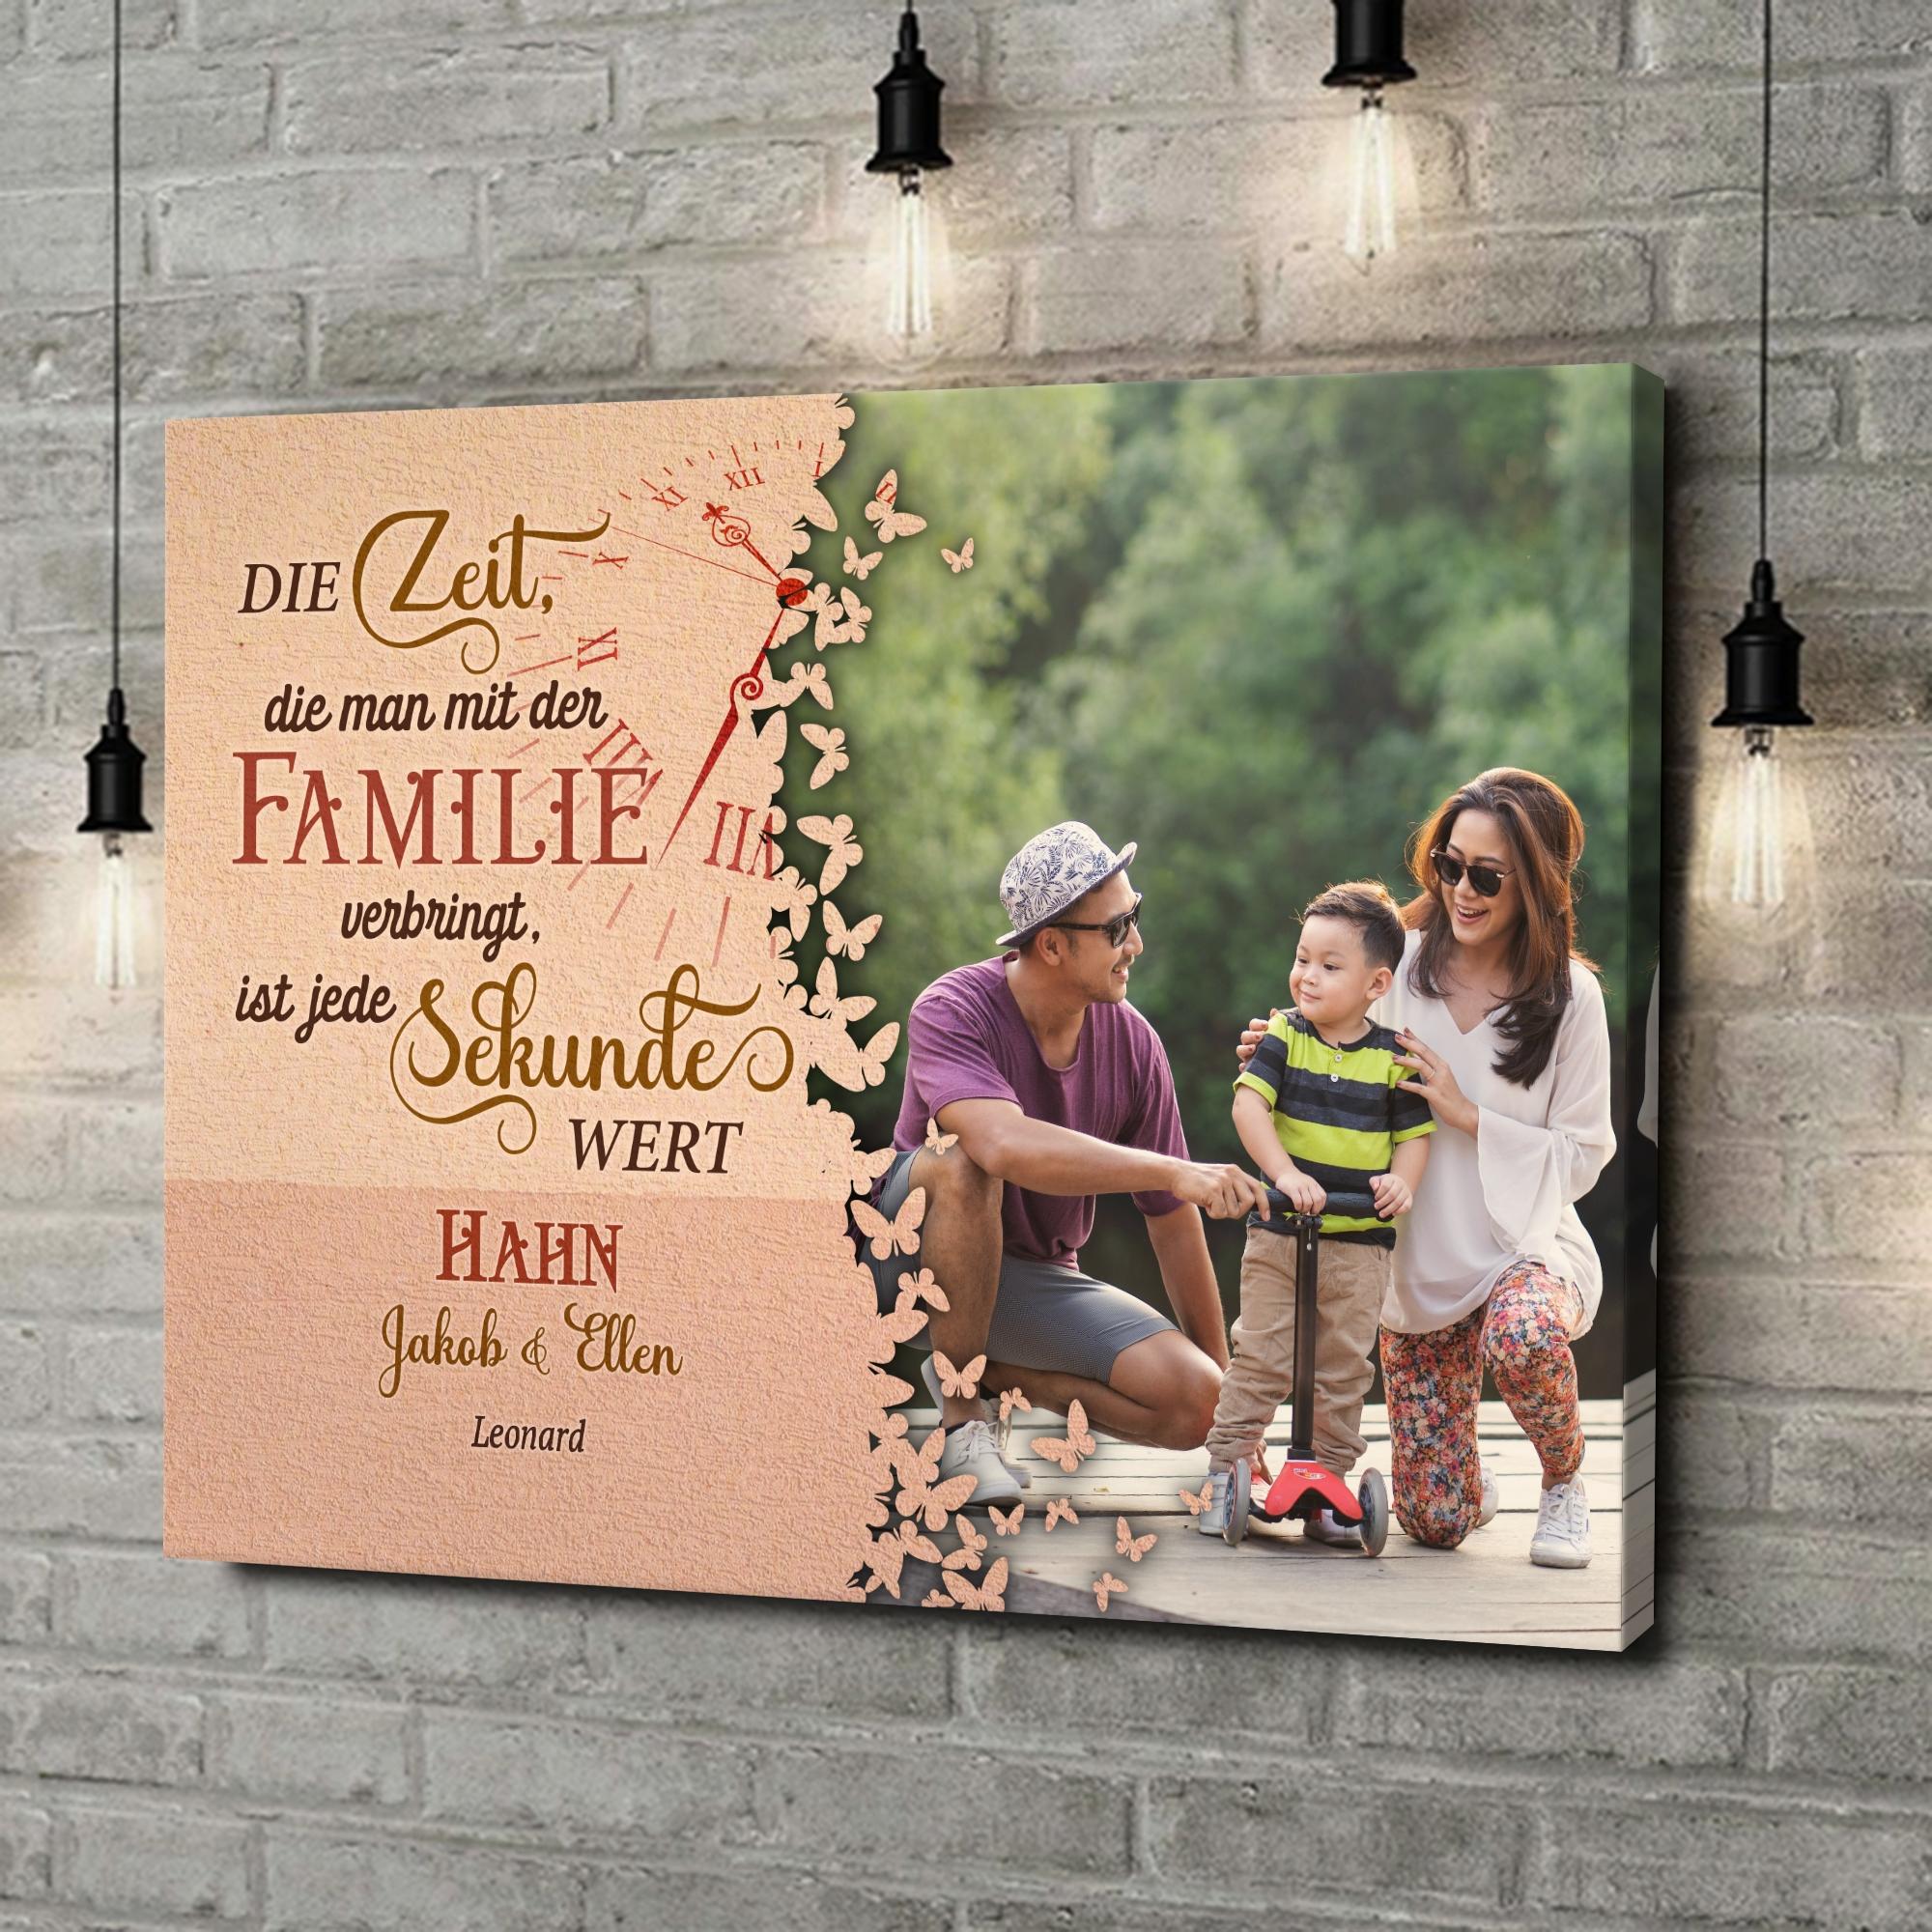 Leinwandbild personalisiert Zeit der Familie